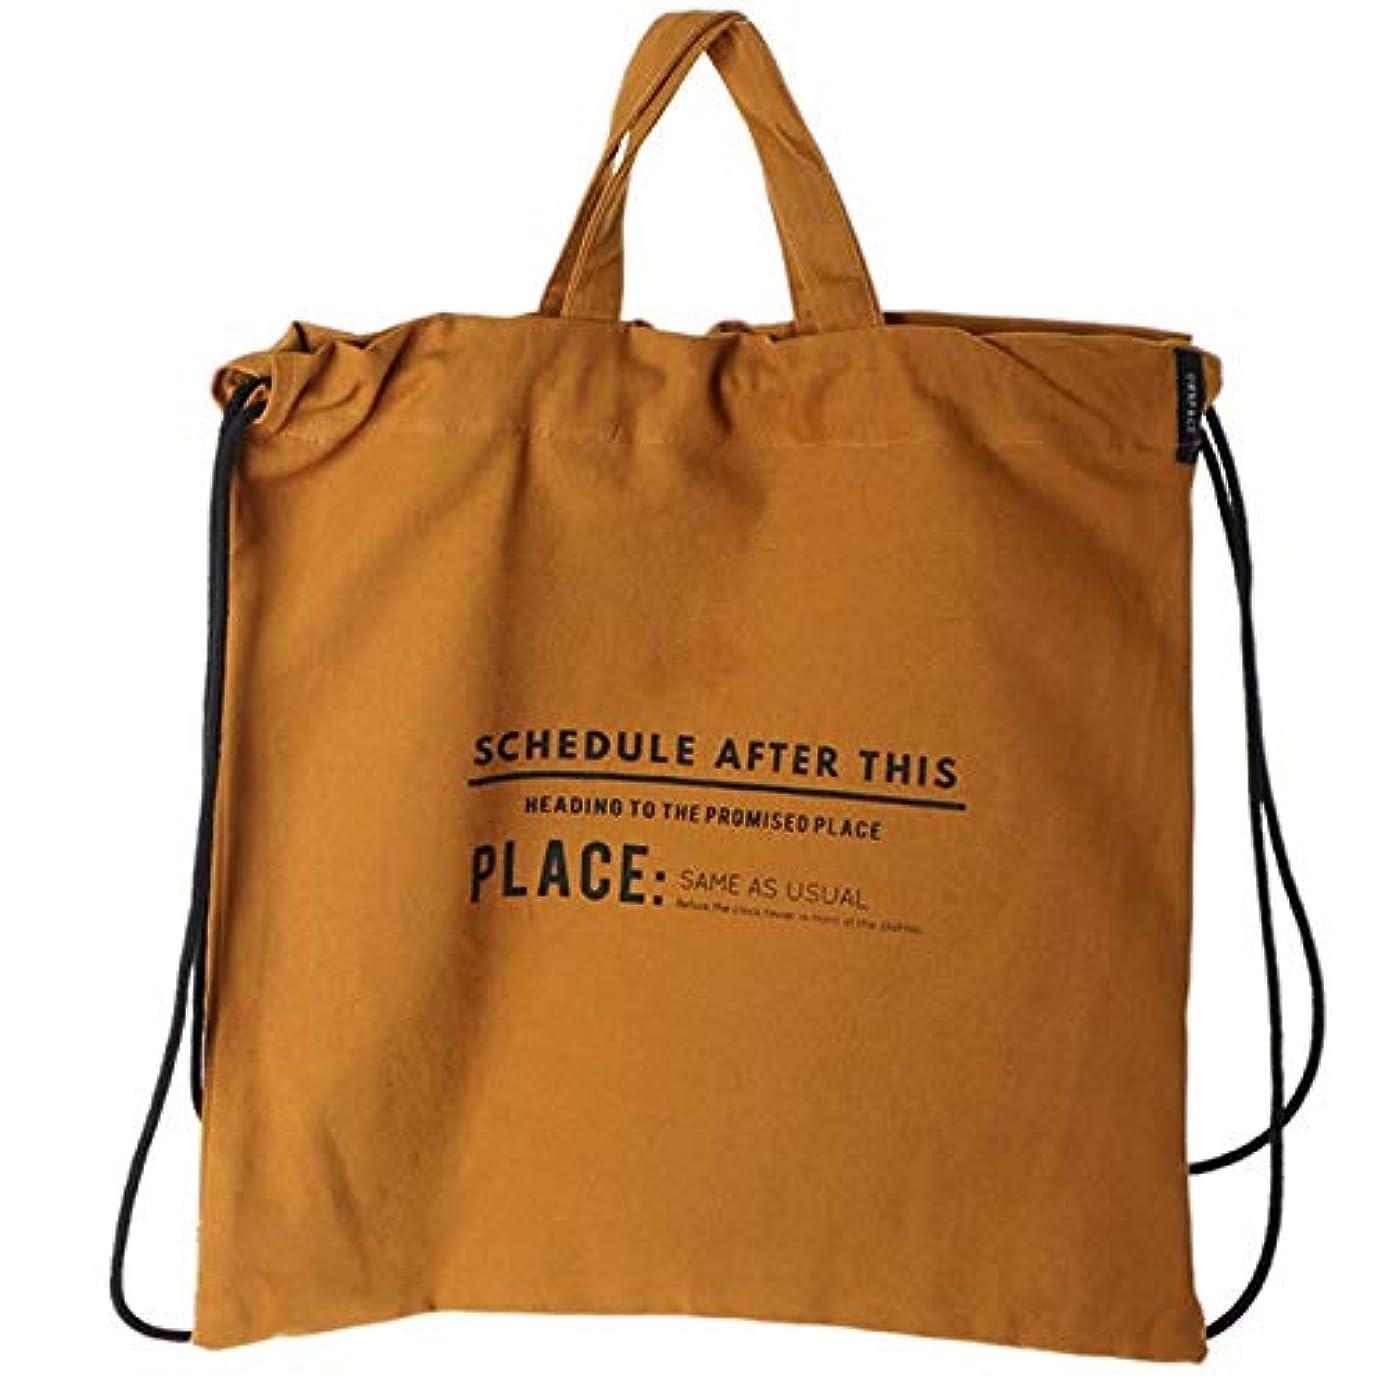 船乗り獣新聞ナップサック トートバッグ リュック 2way 大きめ 布 キャンバス 布バッグ